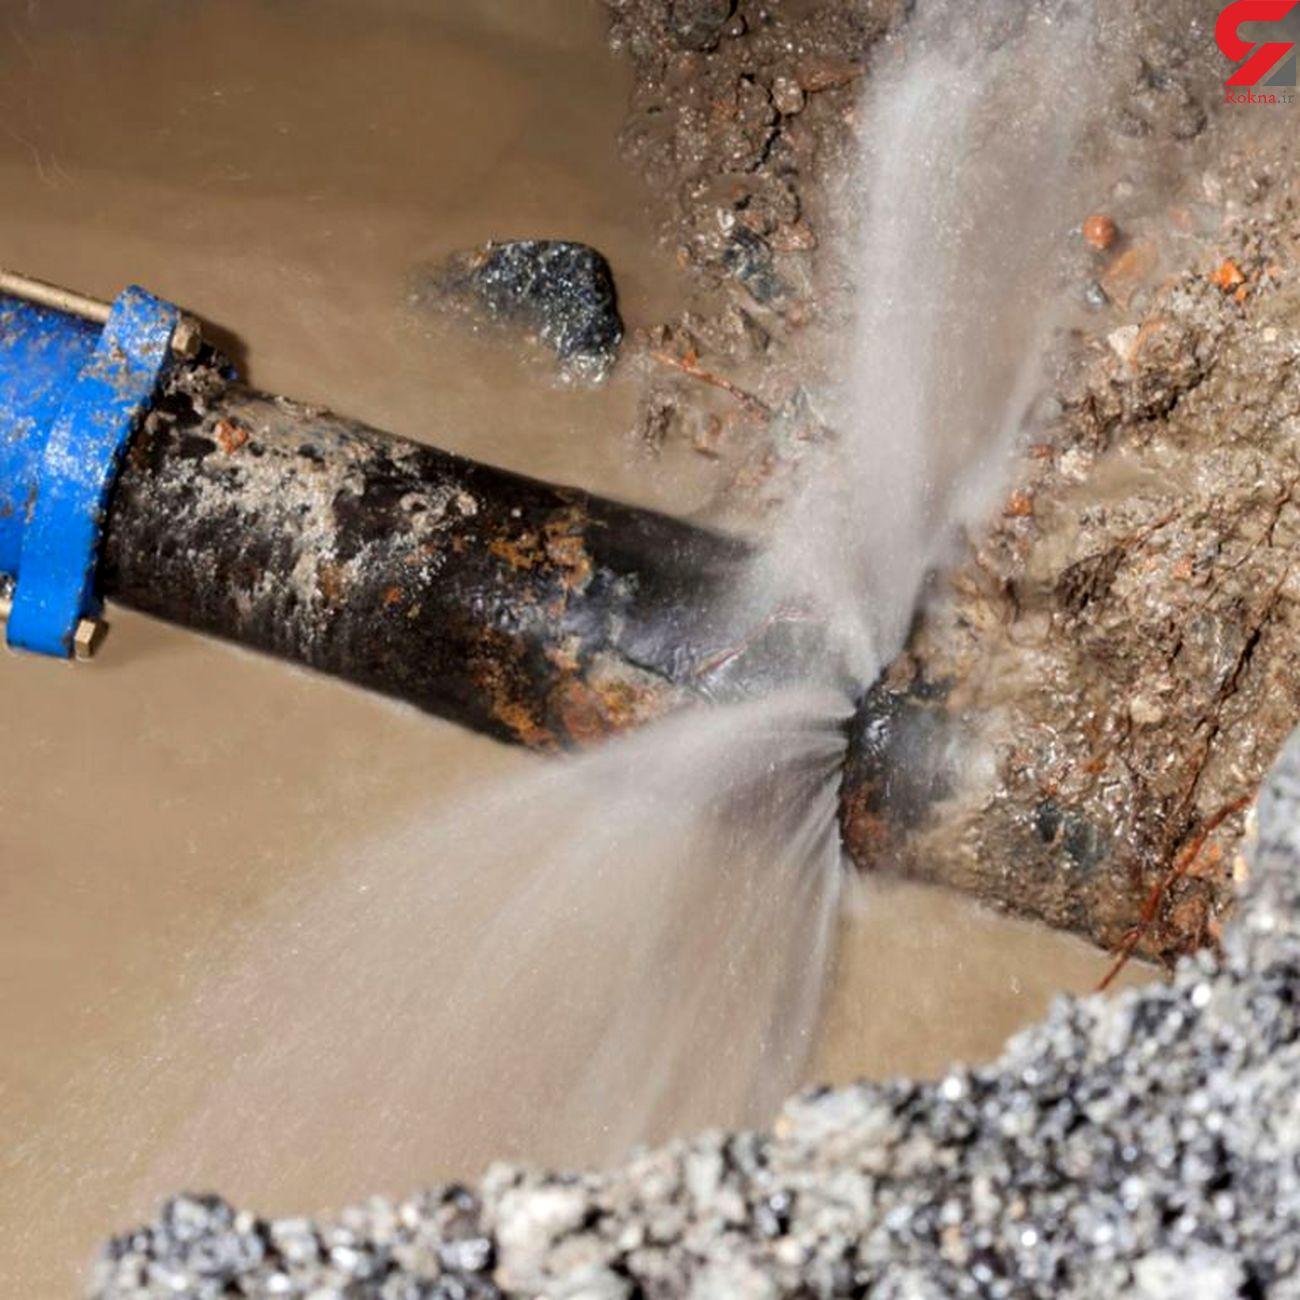 رفع بیش از 1000 مورد نشتی از شبکه های آبرسانی شهری و روستایی کبودراهنگ